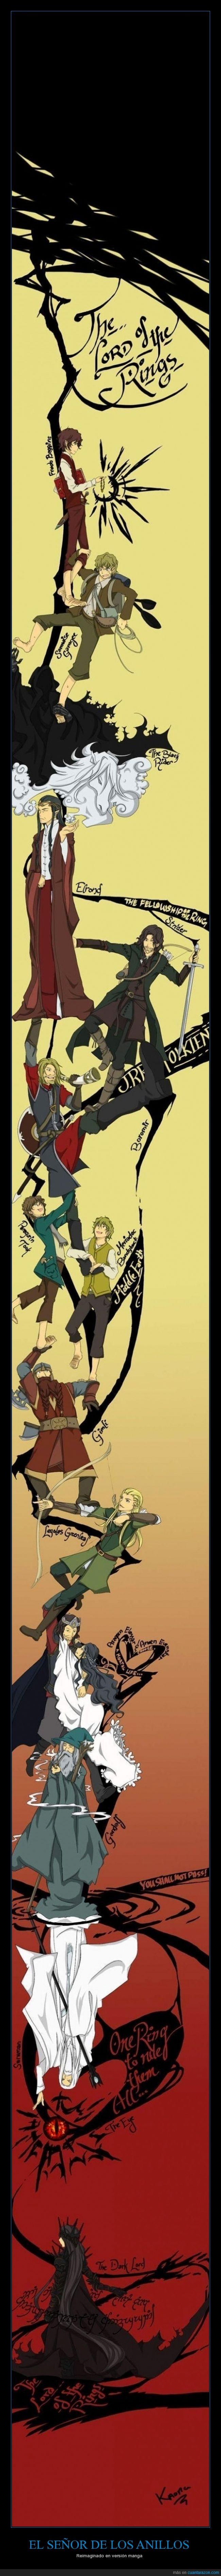 compañía,comunidad,el señor de los anillos,esdla,ilustración anime,manga,the lord of the rings,tlotr